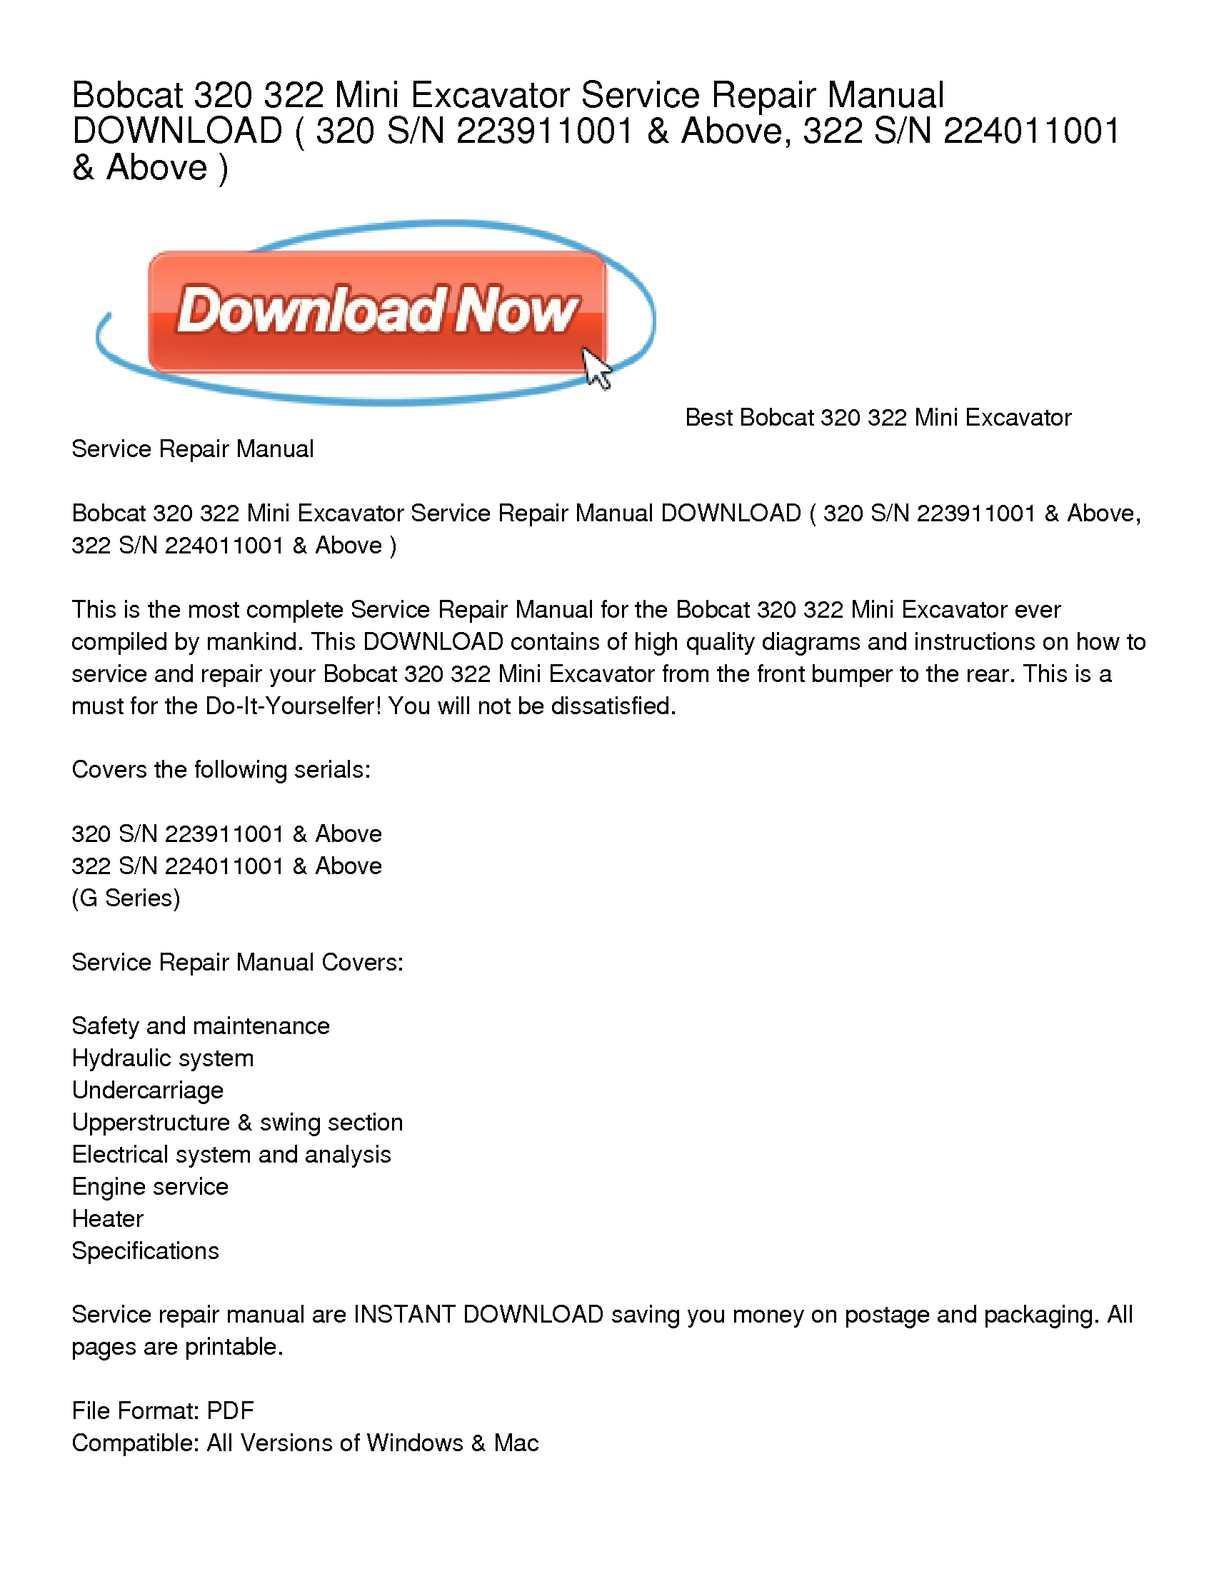 bobcat 320 mini excavator manual